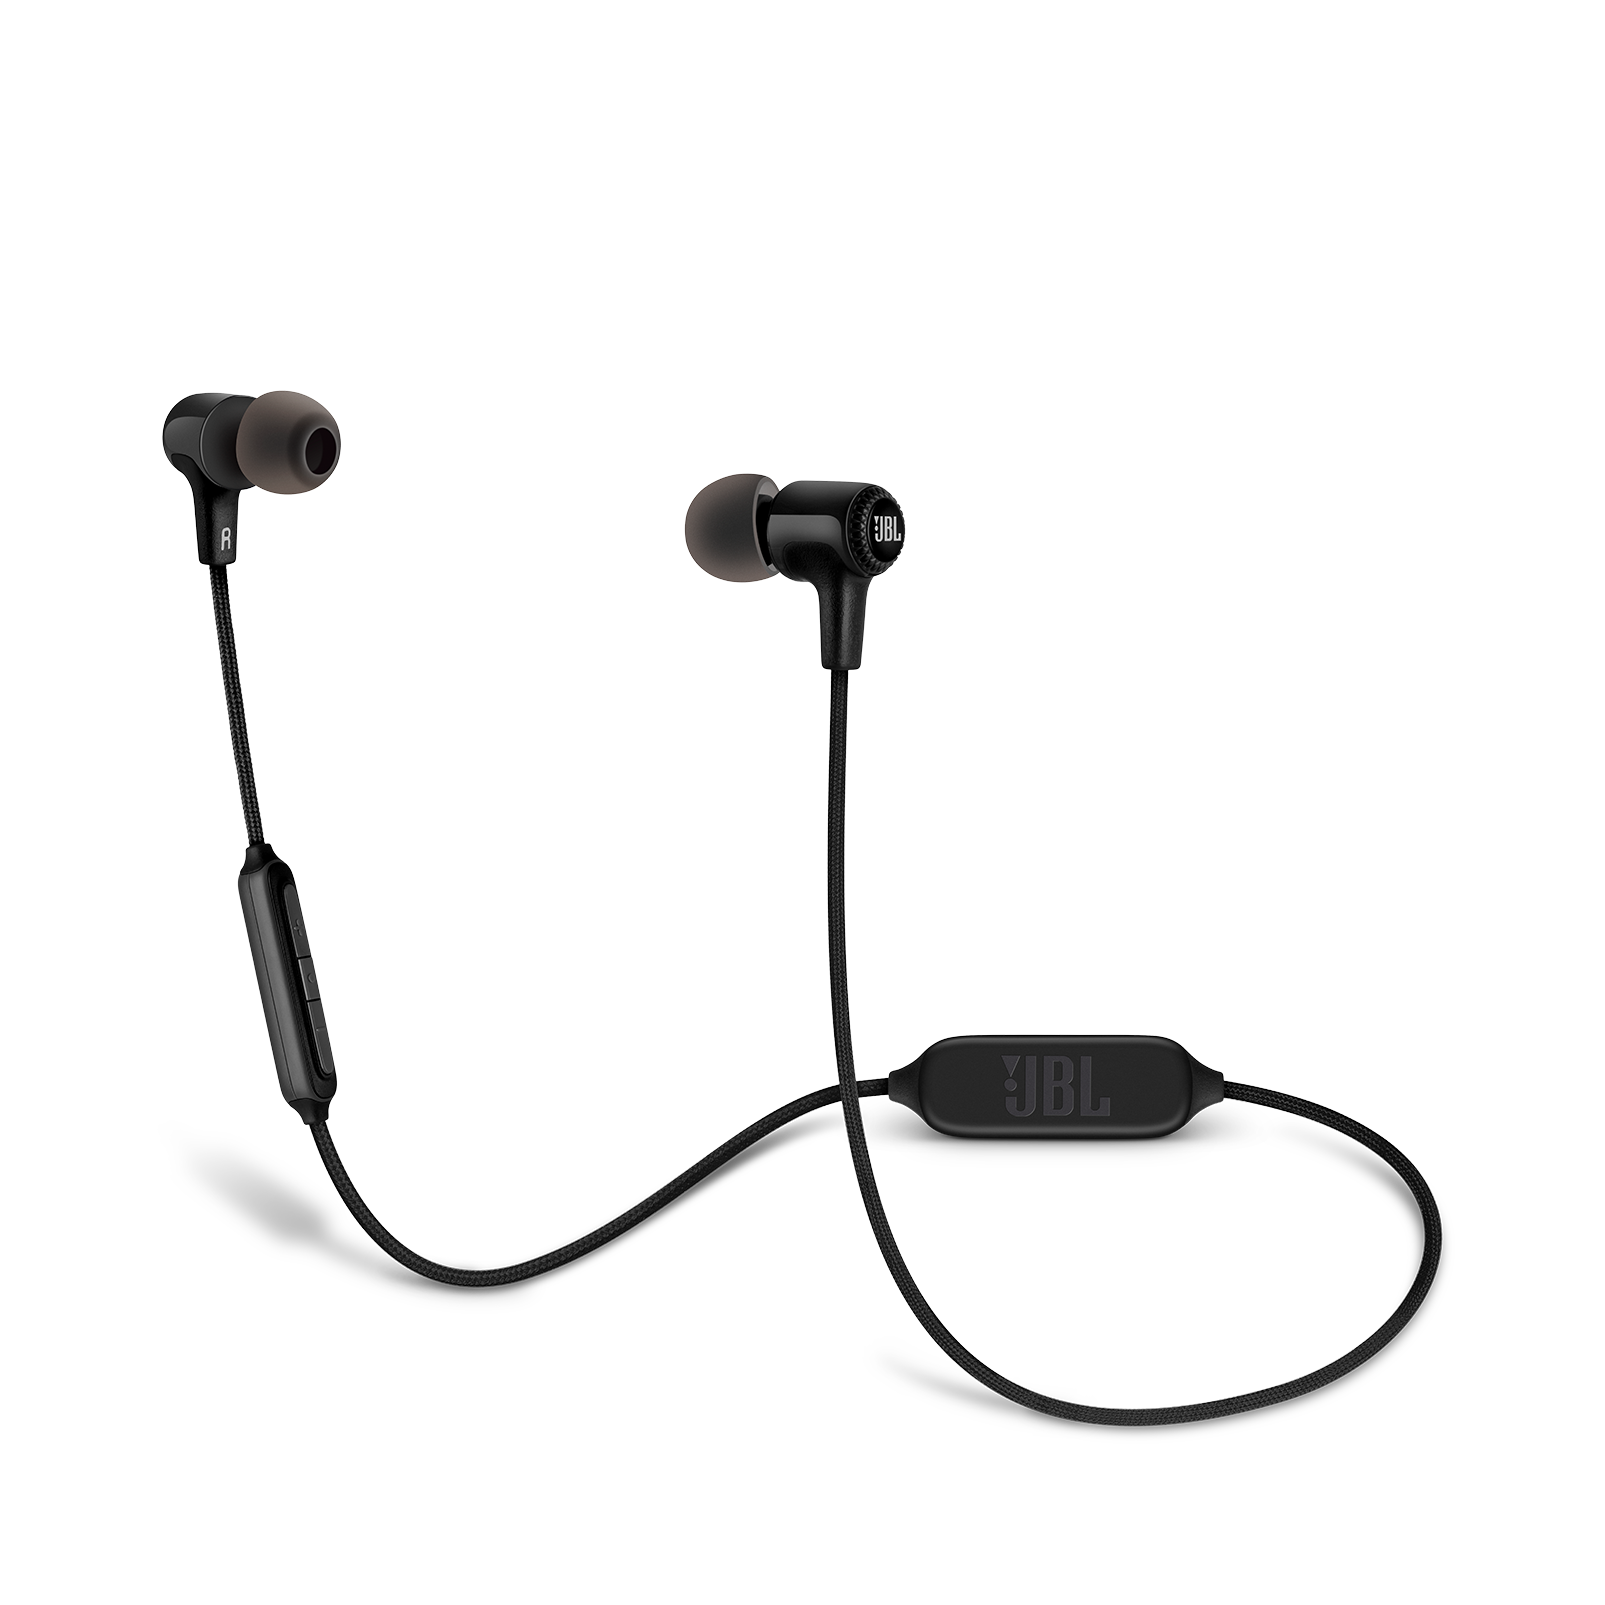 E25bt Wireless In Ear Headphones In 2020 Wireless In Ear Headphones Headphones In Ear Headphones